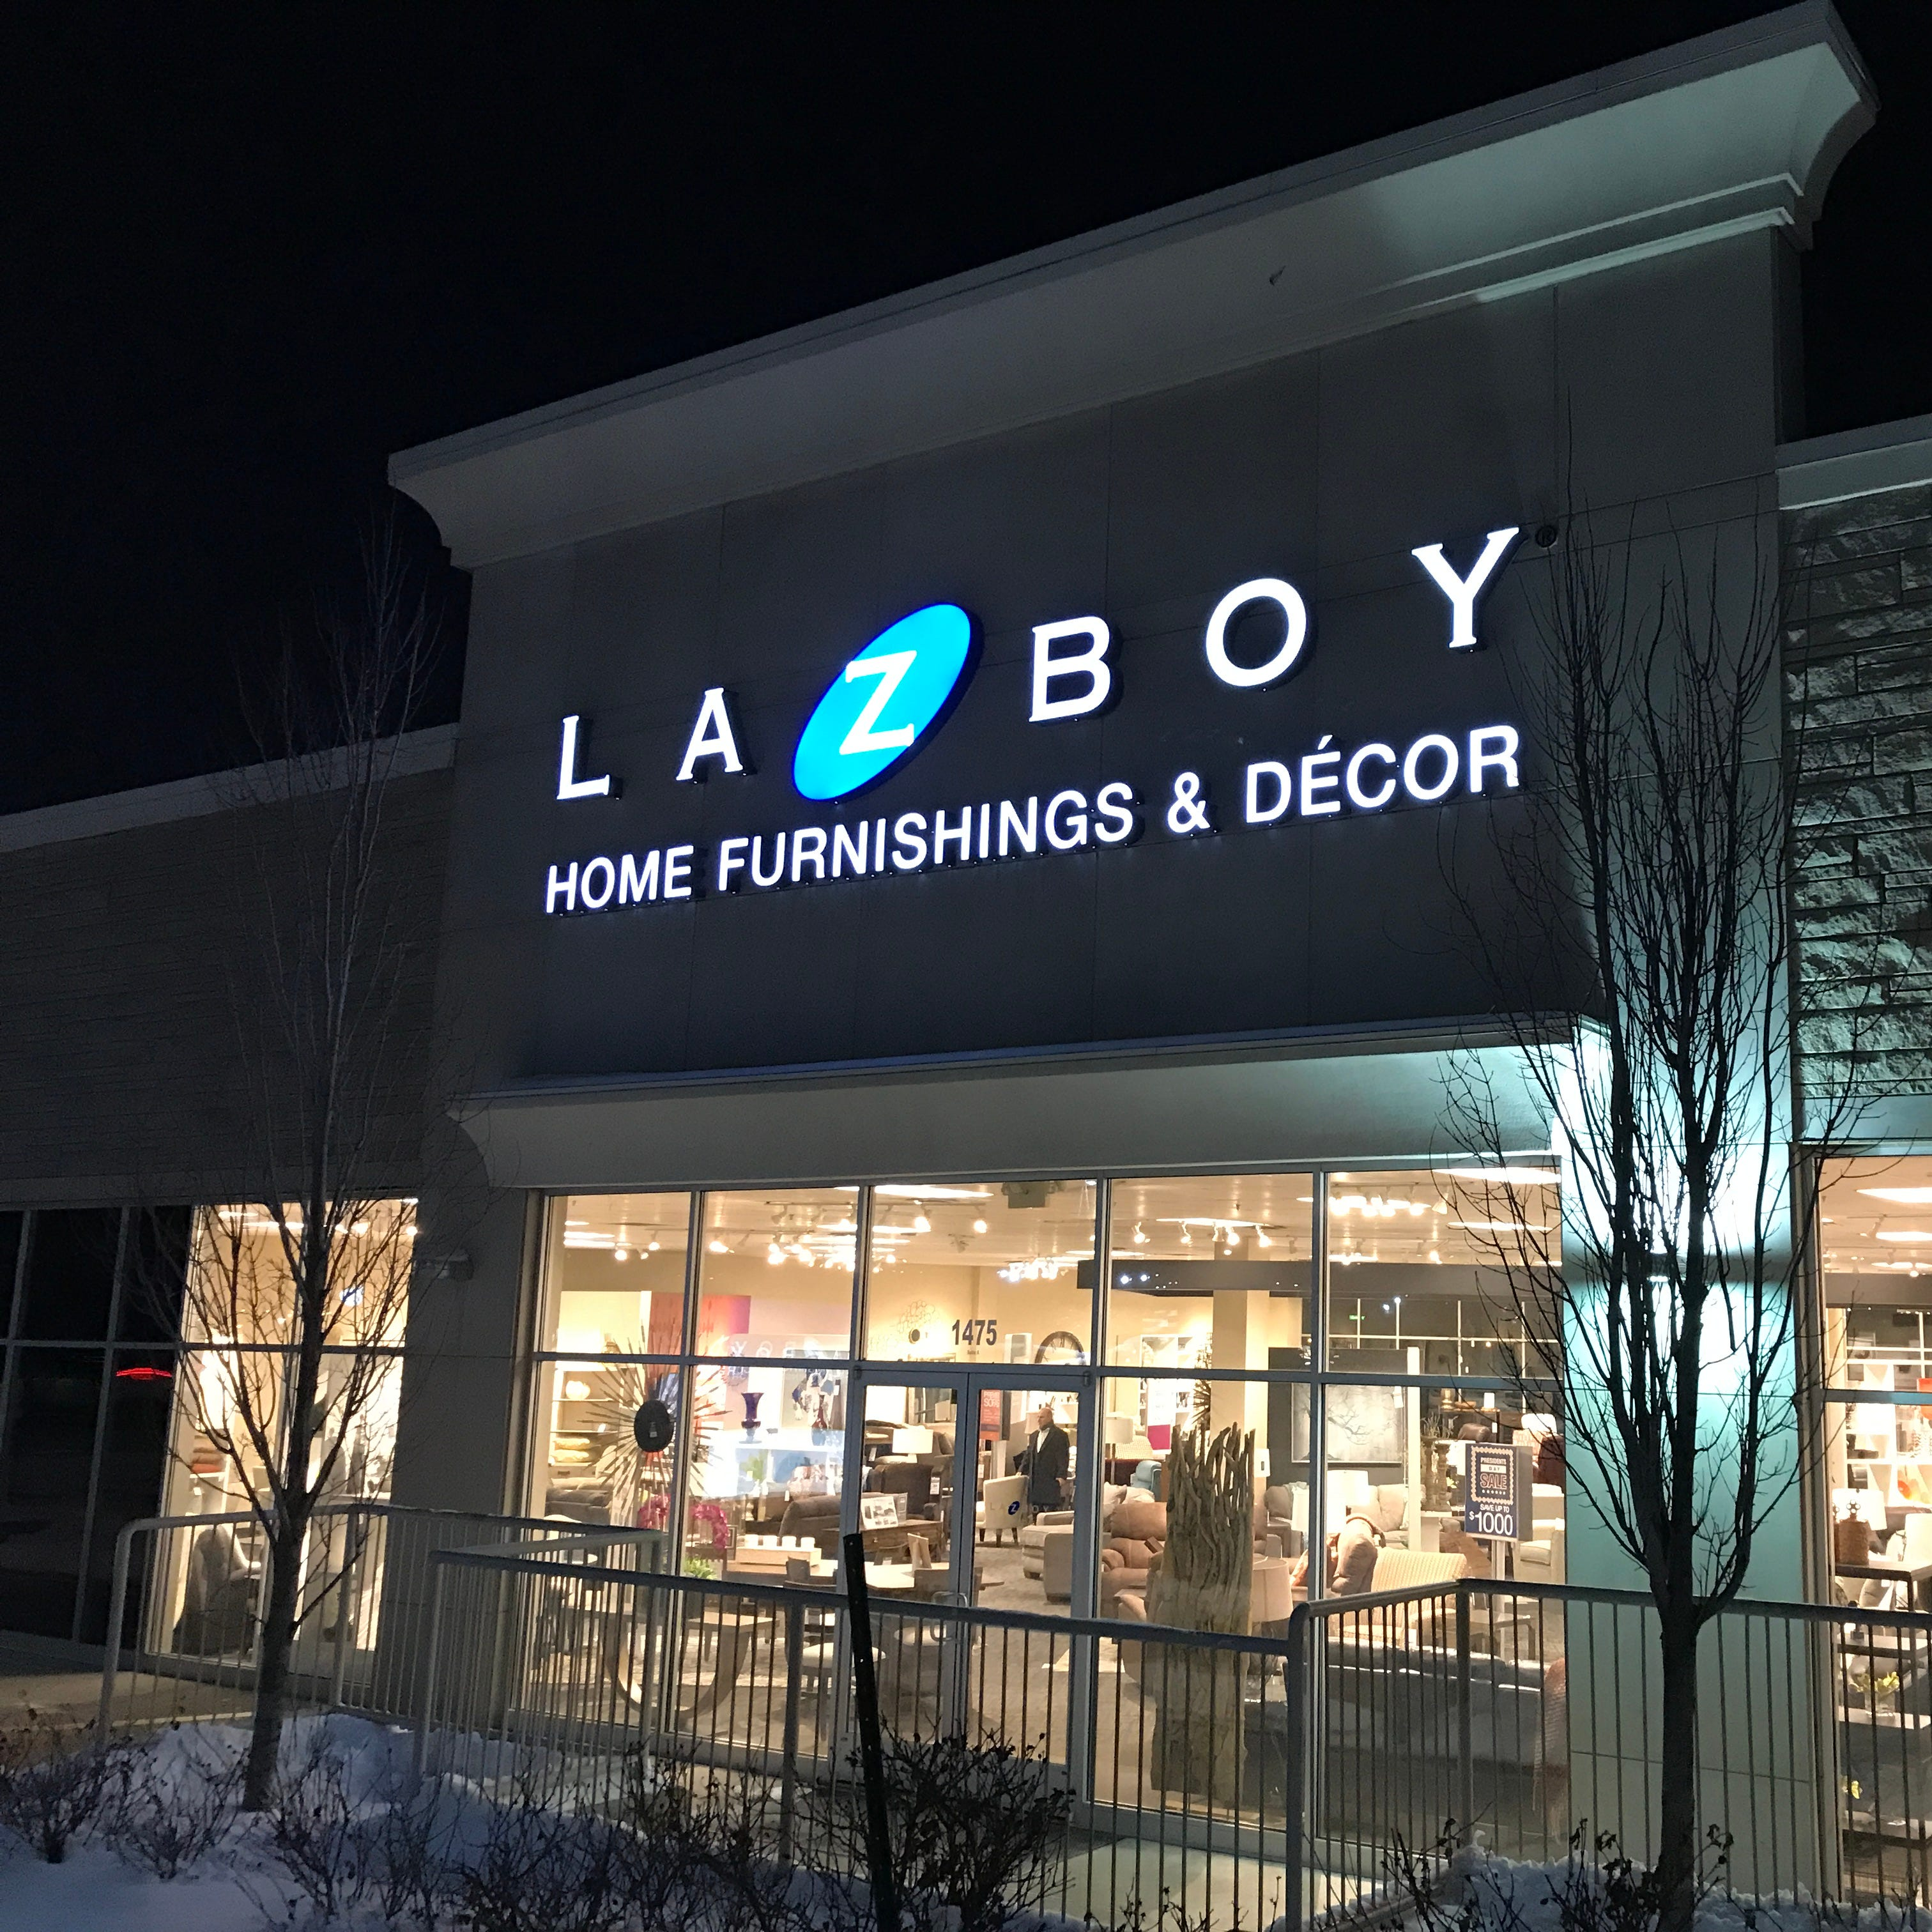 Acquisitions boost La-Z-Boy sales 13%